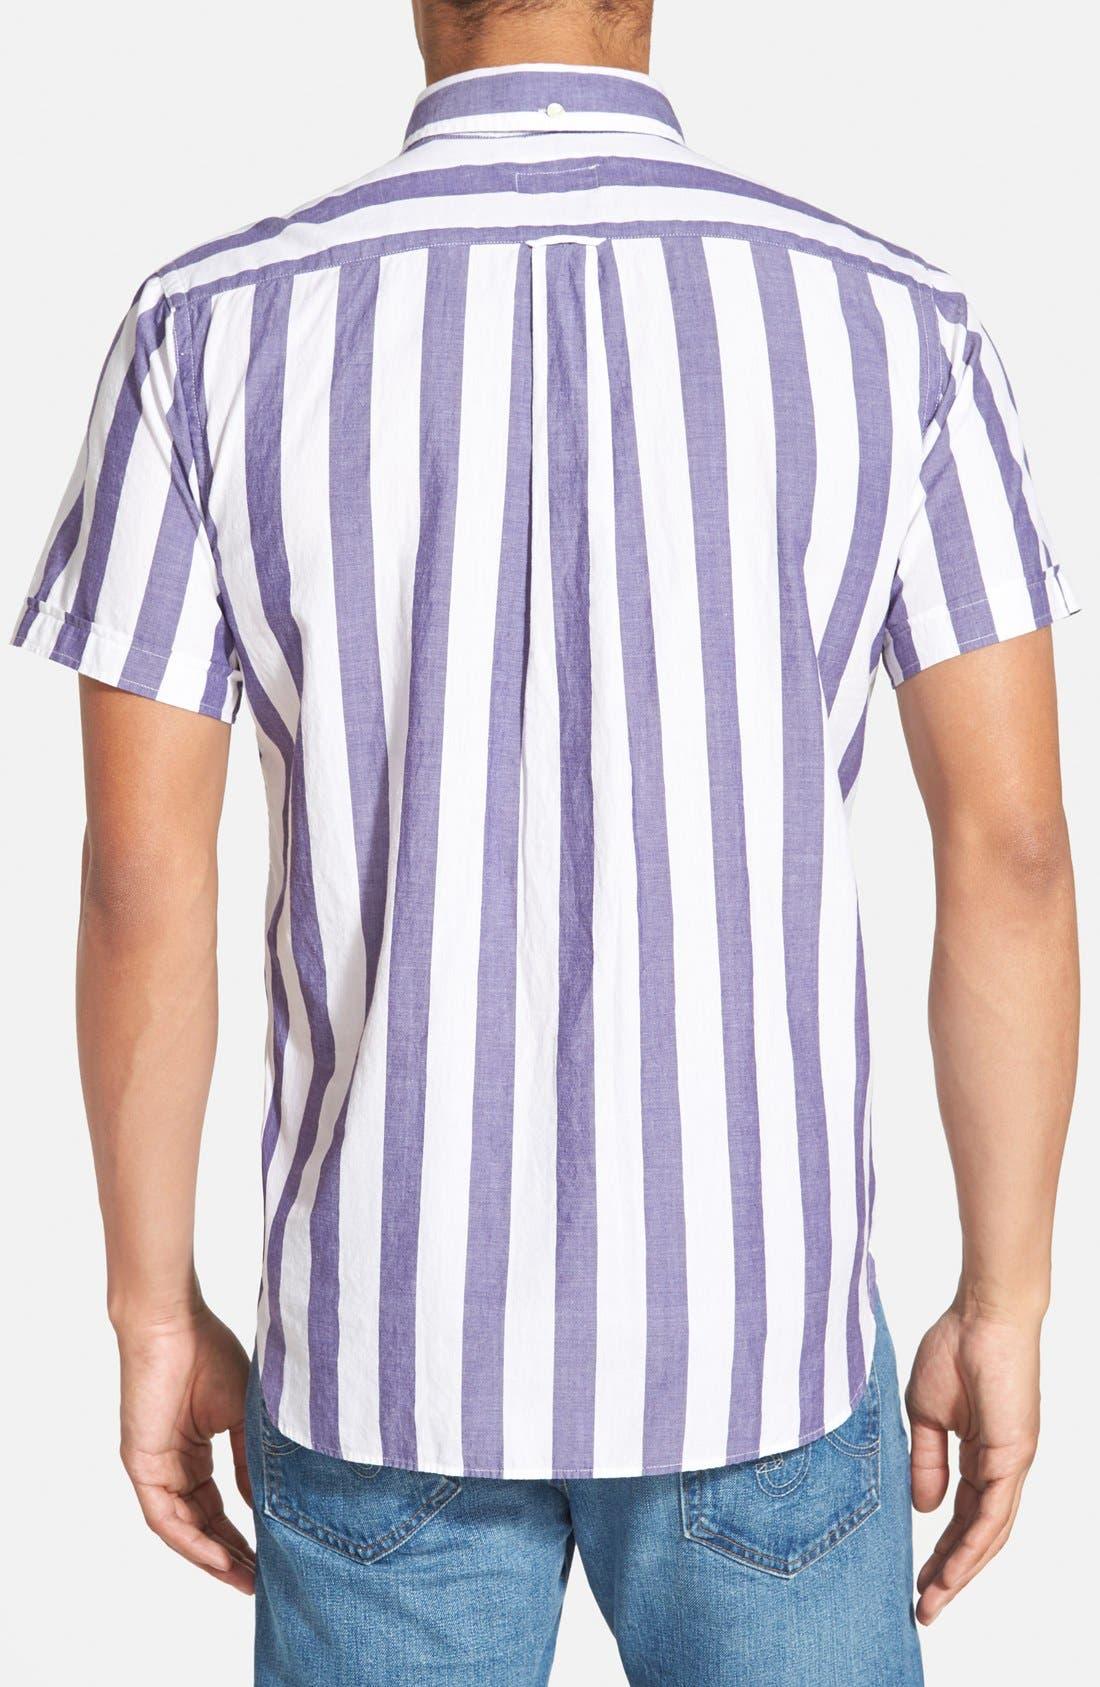 GANT RUGGER, E-Z Fit Madras Stripe Woven Pullover Shirt, Alternate thumbnail 3, color, 436